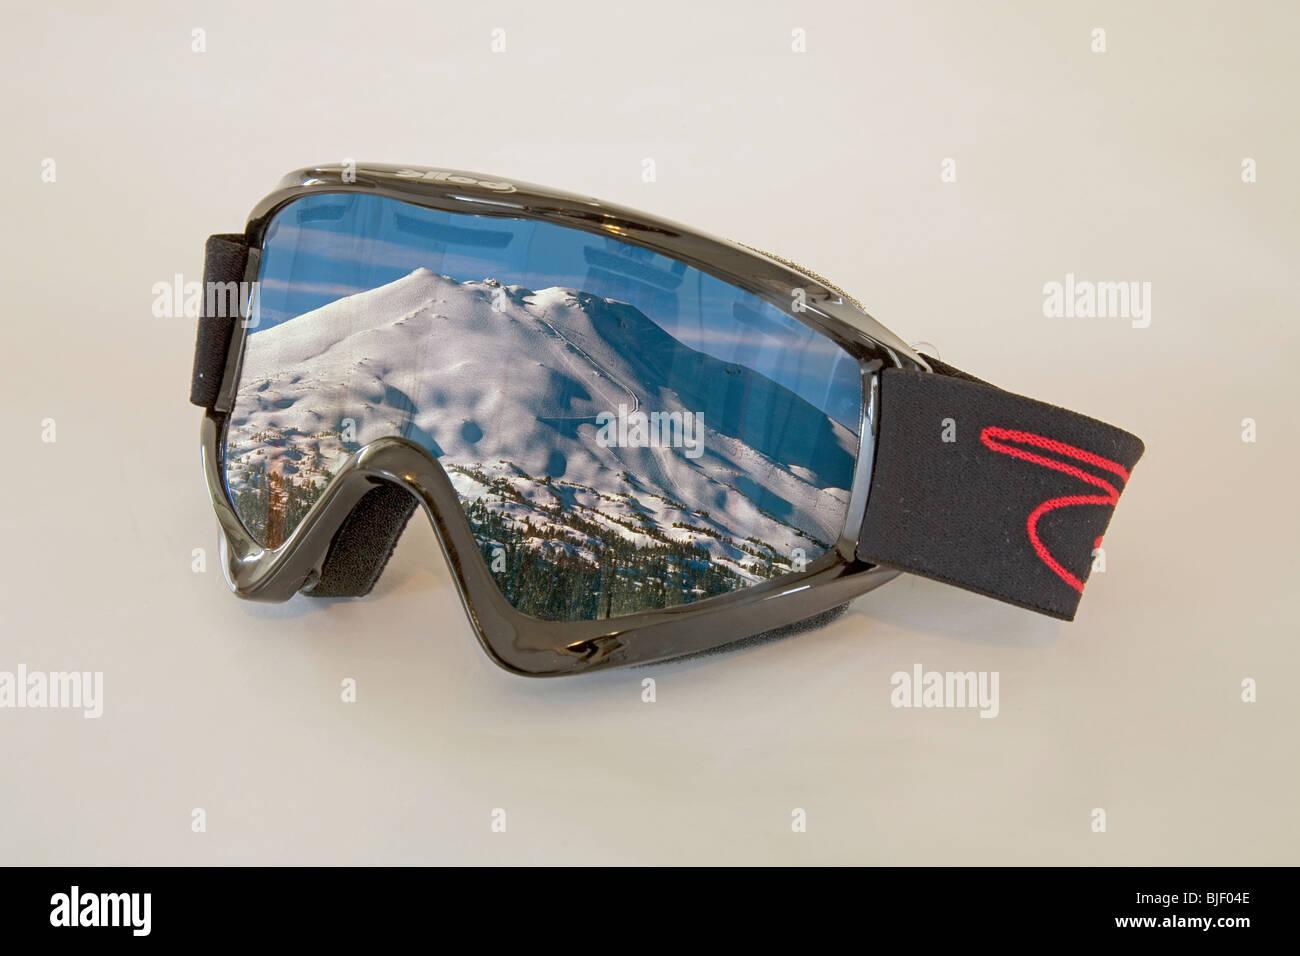 Maschere da sci con la riflessione di una stazione sciistica mountain Immagini Stock